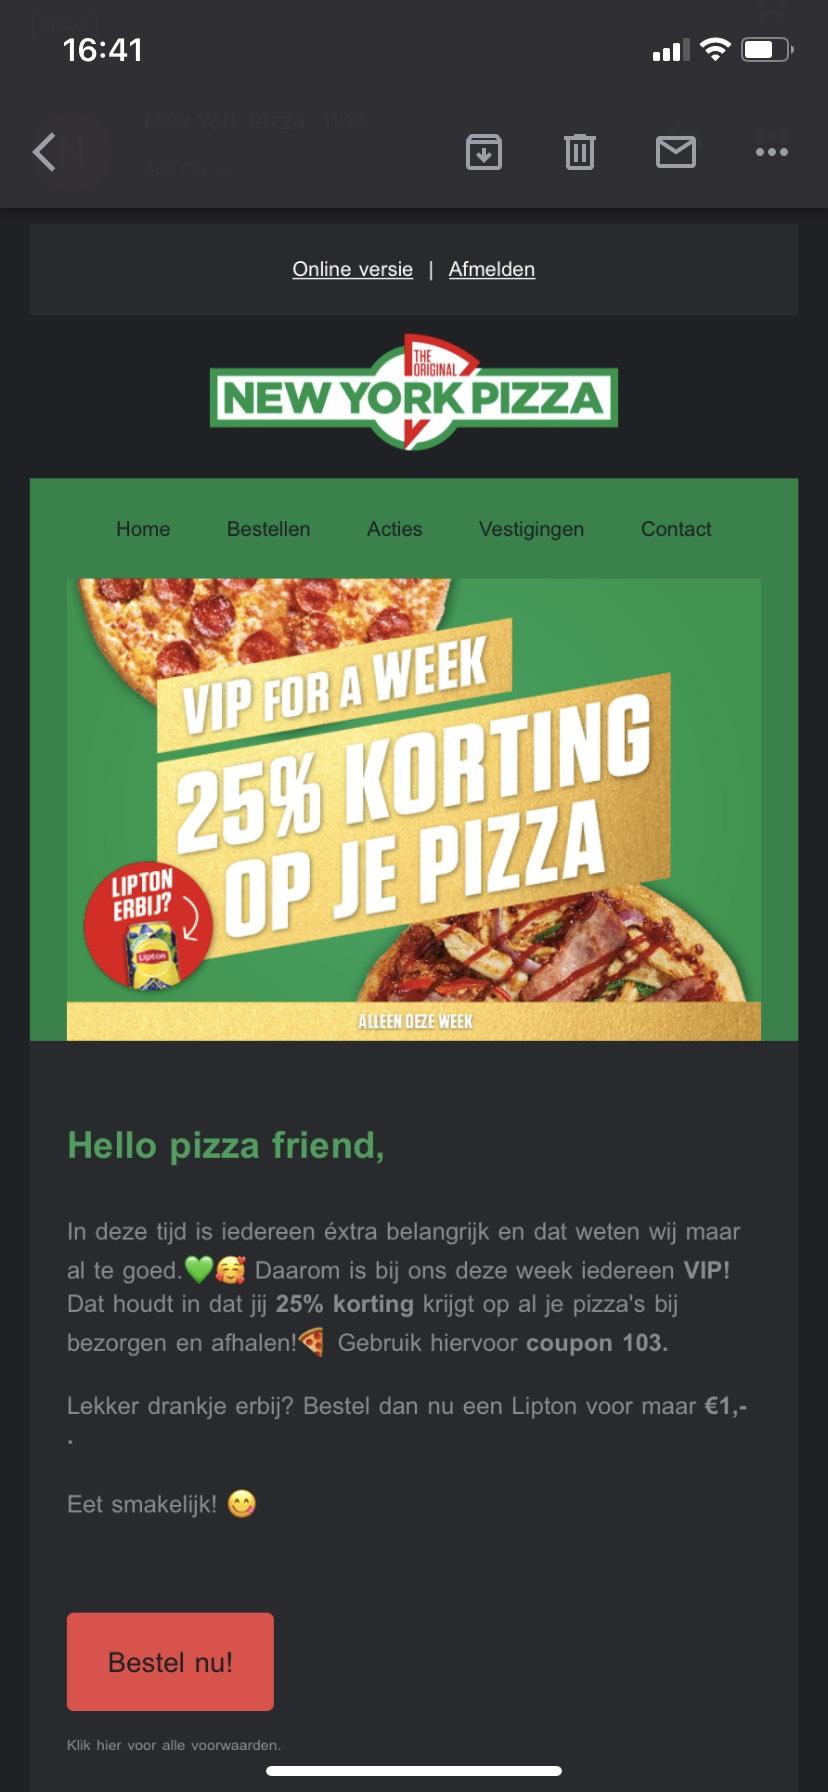 Vip korting NewYork pizza deze week